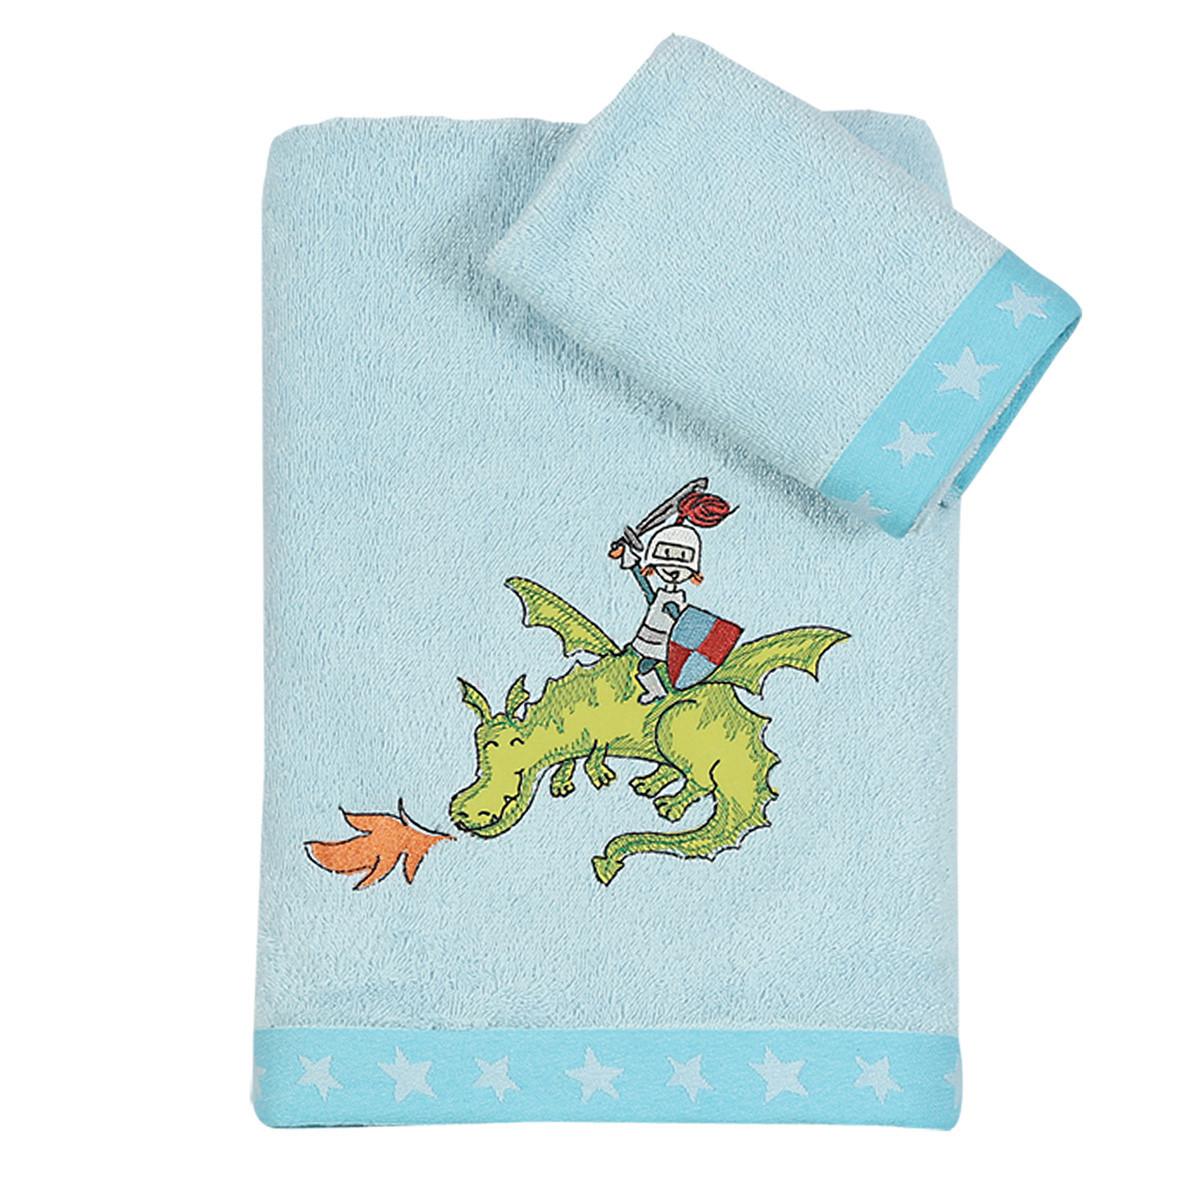 Παιδικές Πετσέτες (Σετ 2τμχ) Nef-Nef Junior Knights & Dragons